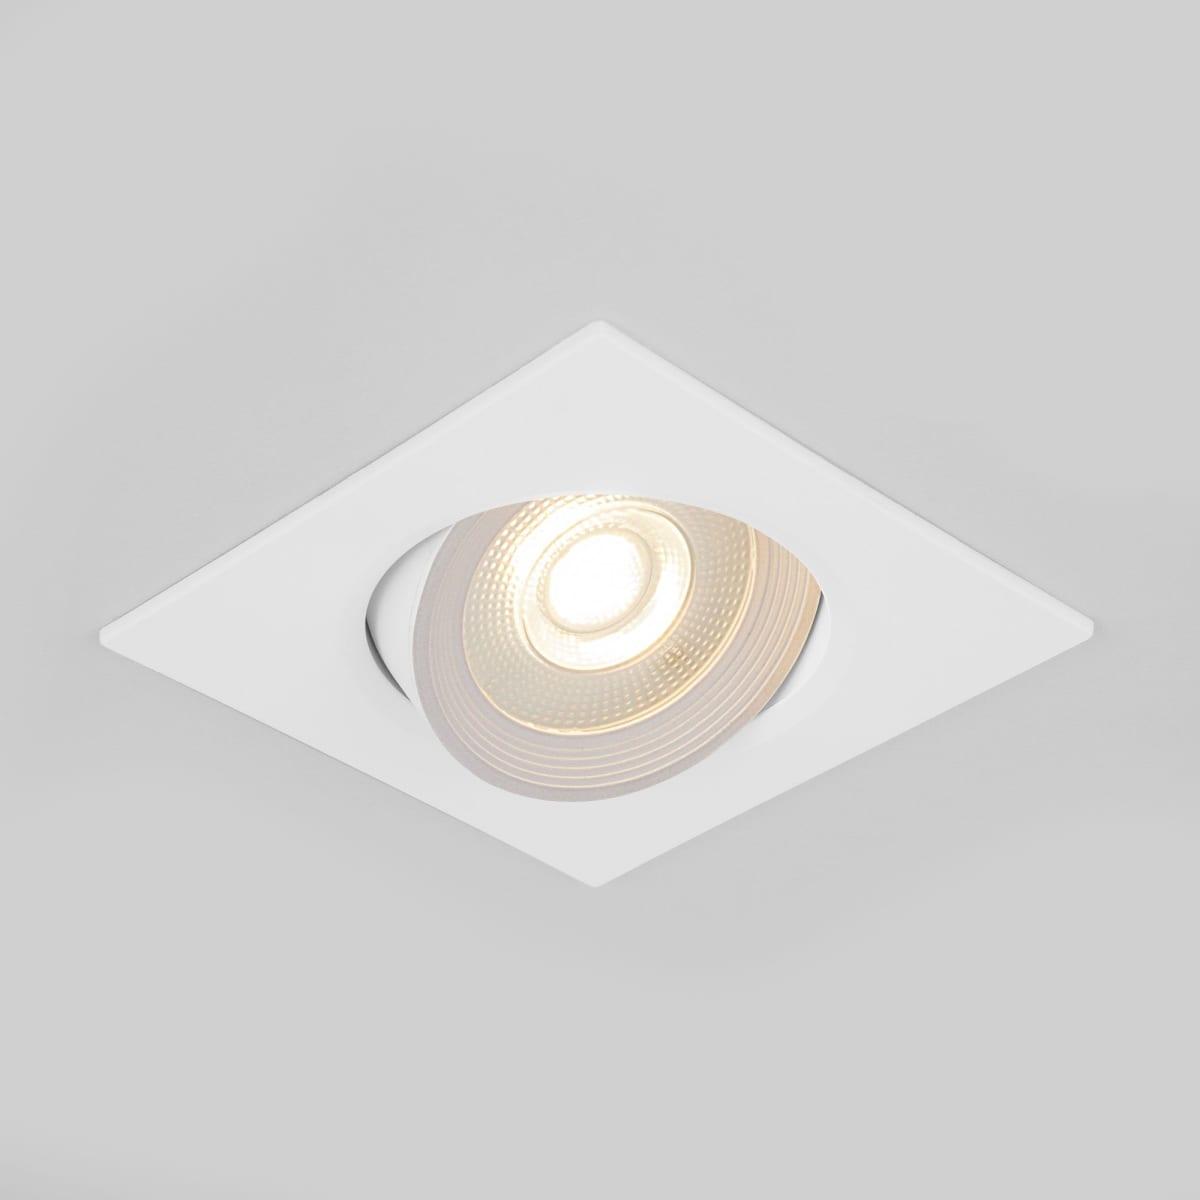 Светильник встраиваемый светодиодный Elektrostandard 9915 LED, белый под отверстие 75 мм нейтральный свет